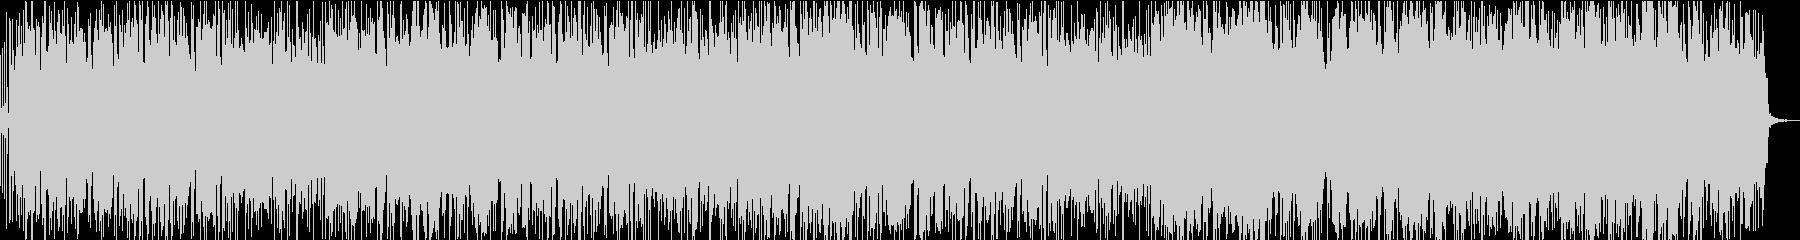 マイナーキーのメランコリックポップの未再生の波形